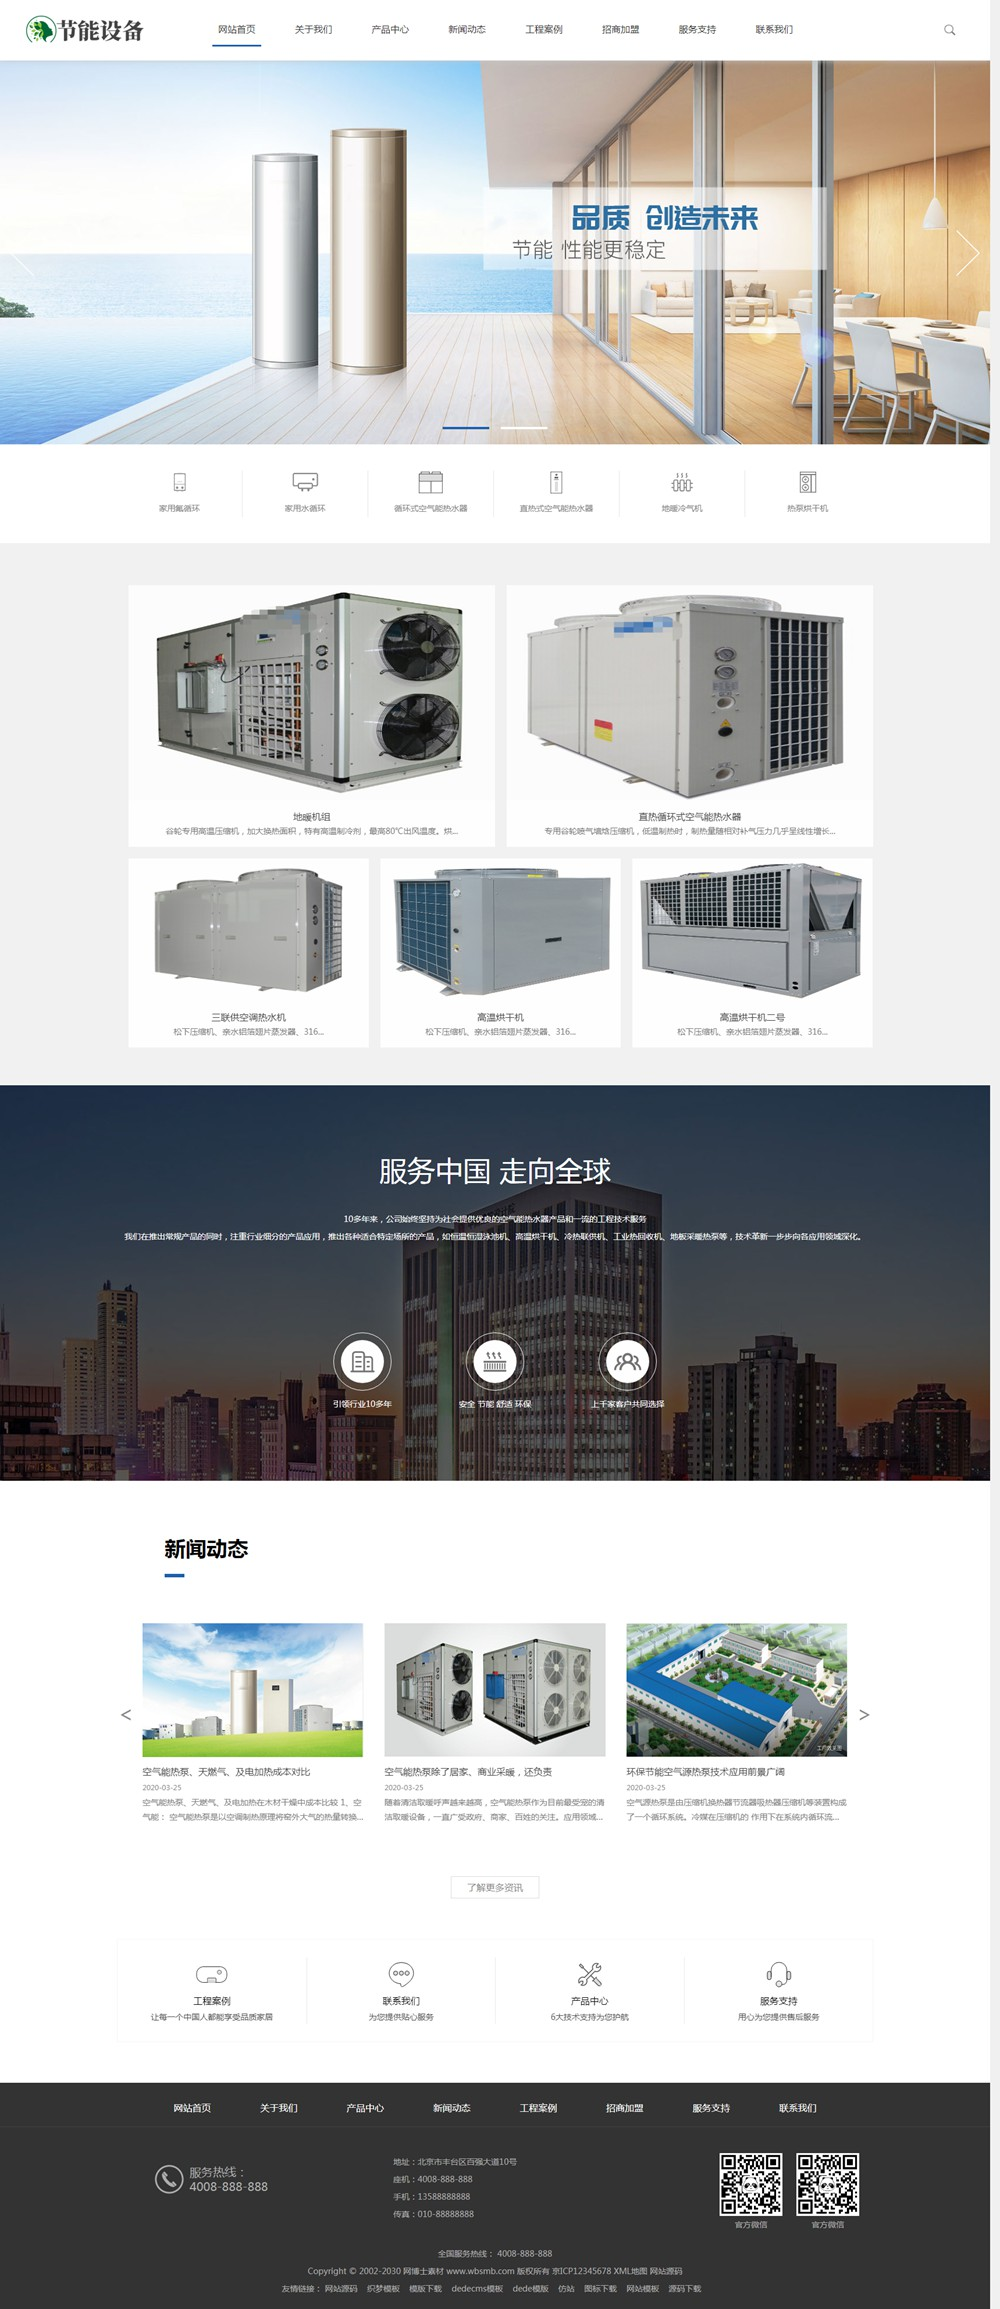 (带手机版数据同步)空气能地暖热水器节能设备类网站织梦模板 空调地暖设备网站源码